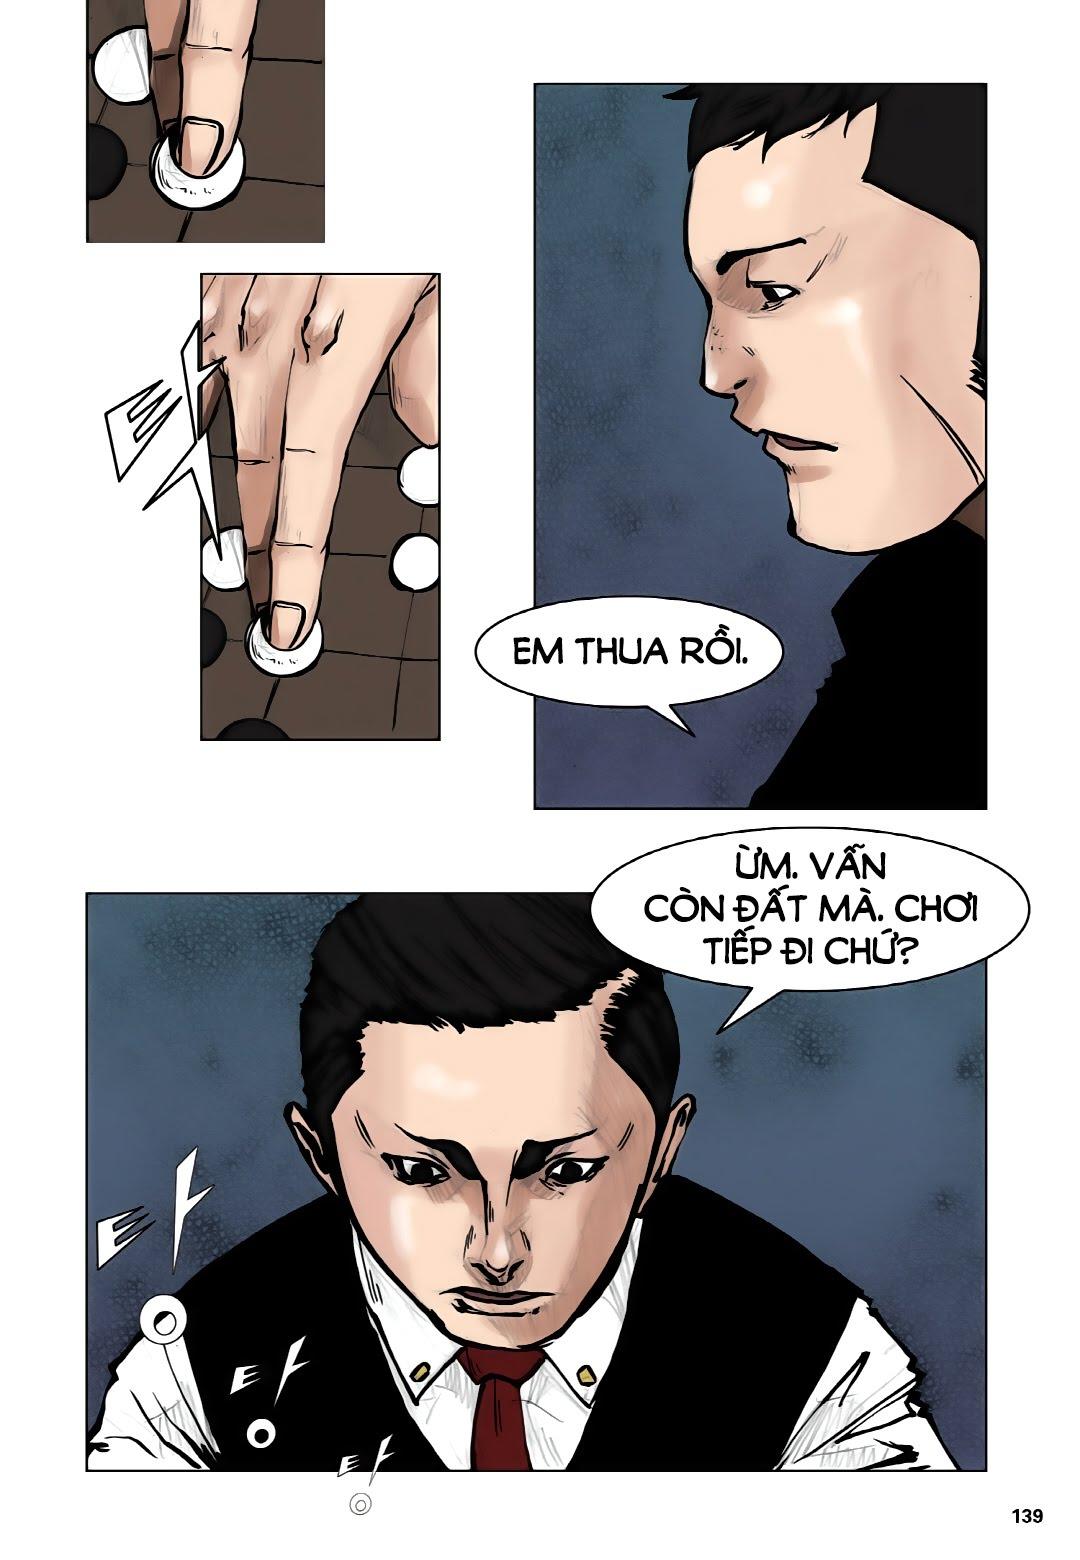 Tong | Tổng trang 25